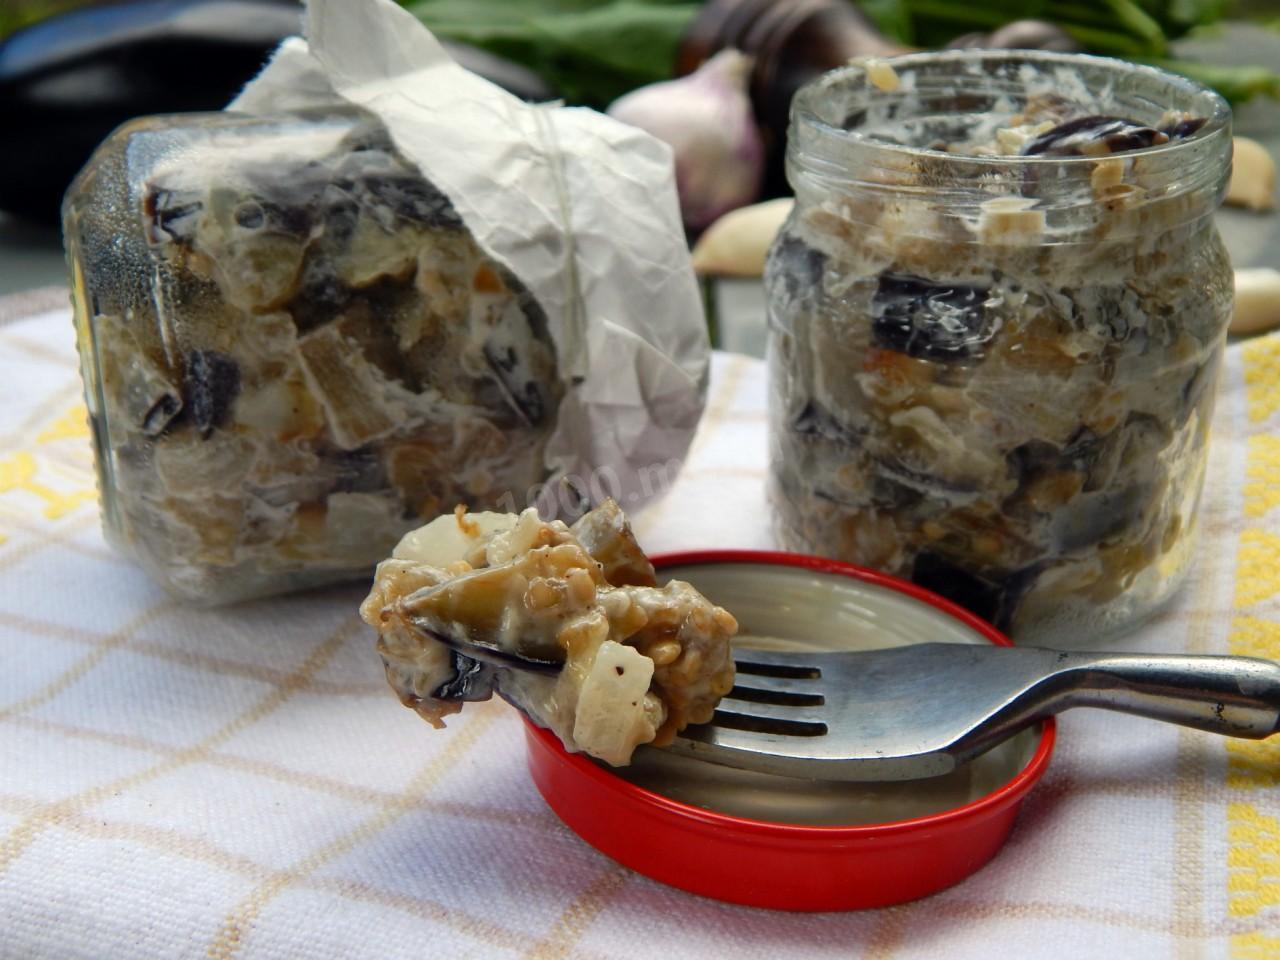 Баклажаны как грибы на зиму: рецепты с фото пошагово быстро и вкусно пальчики оближешь без стерилизации, с чесноком